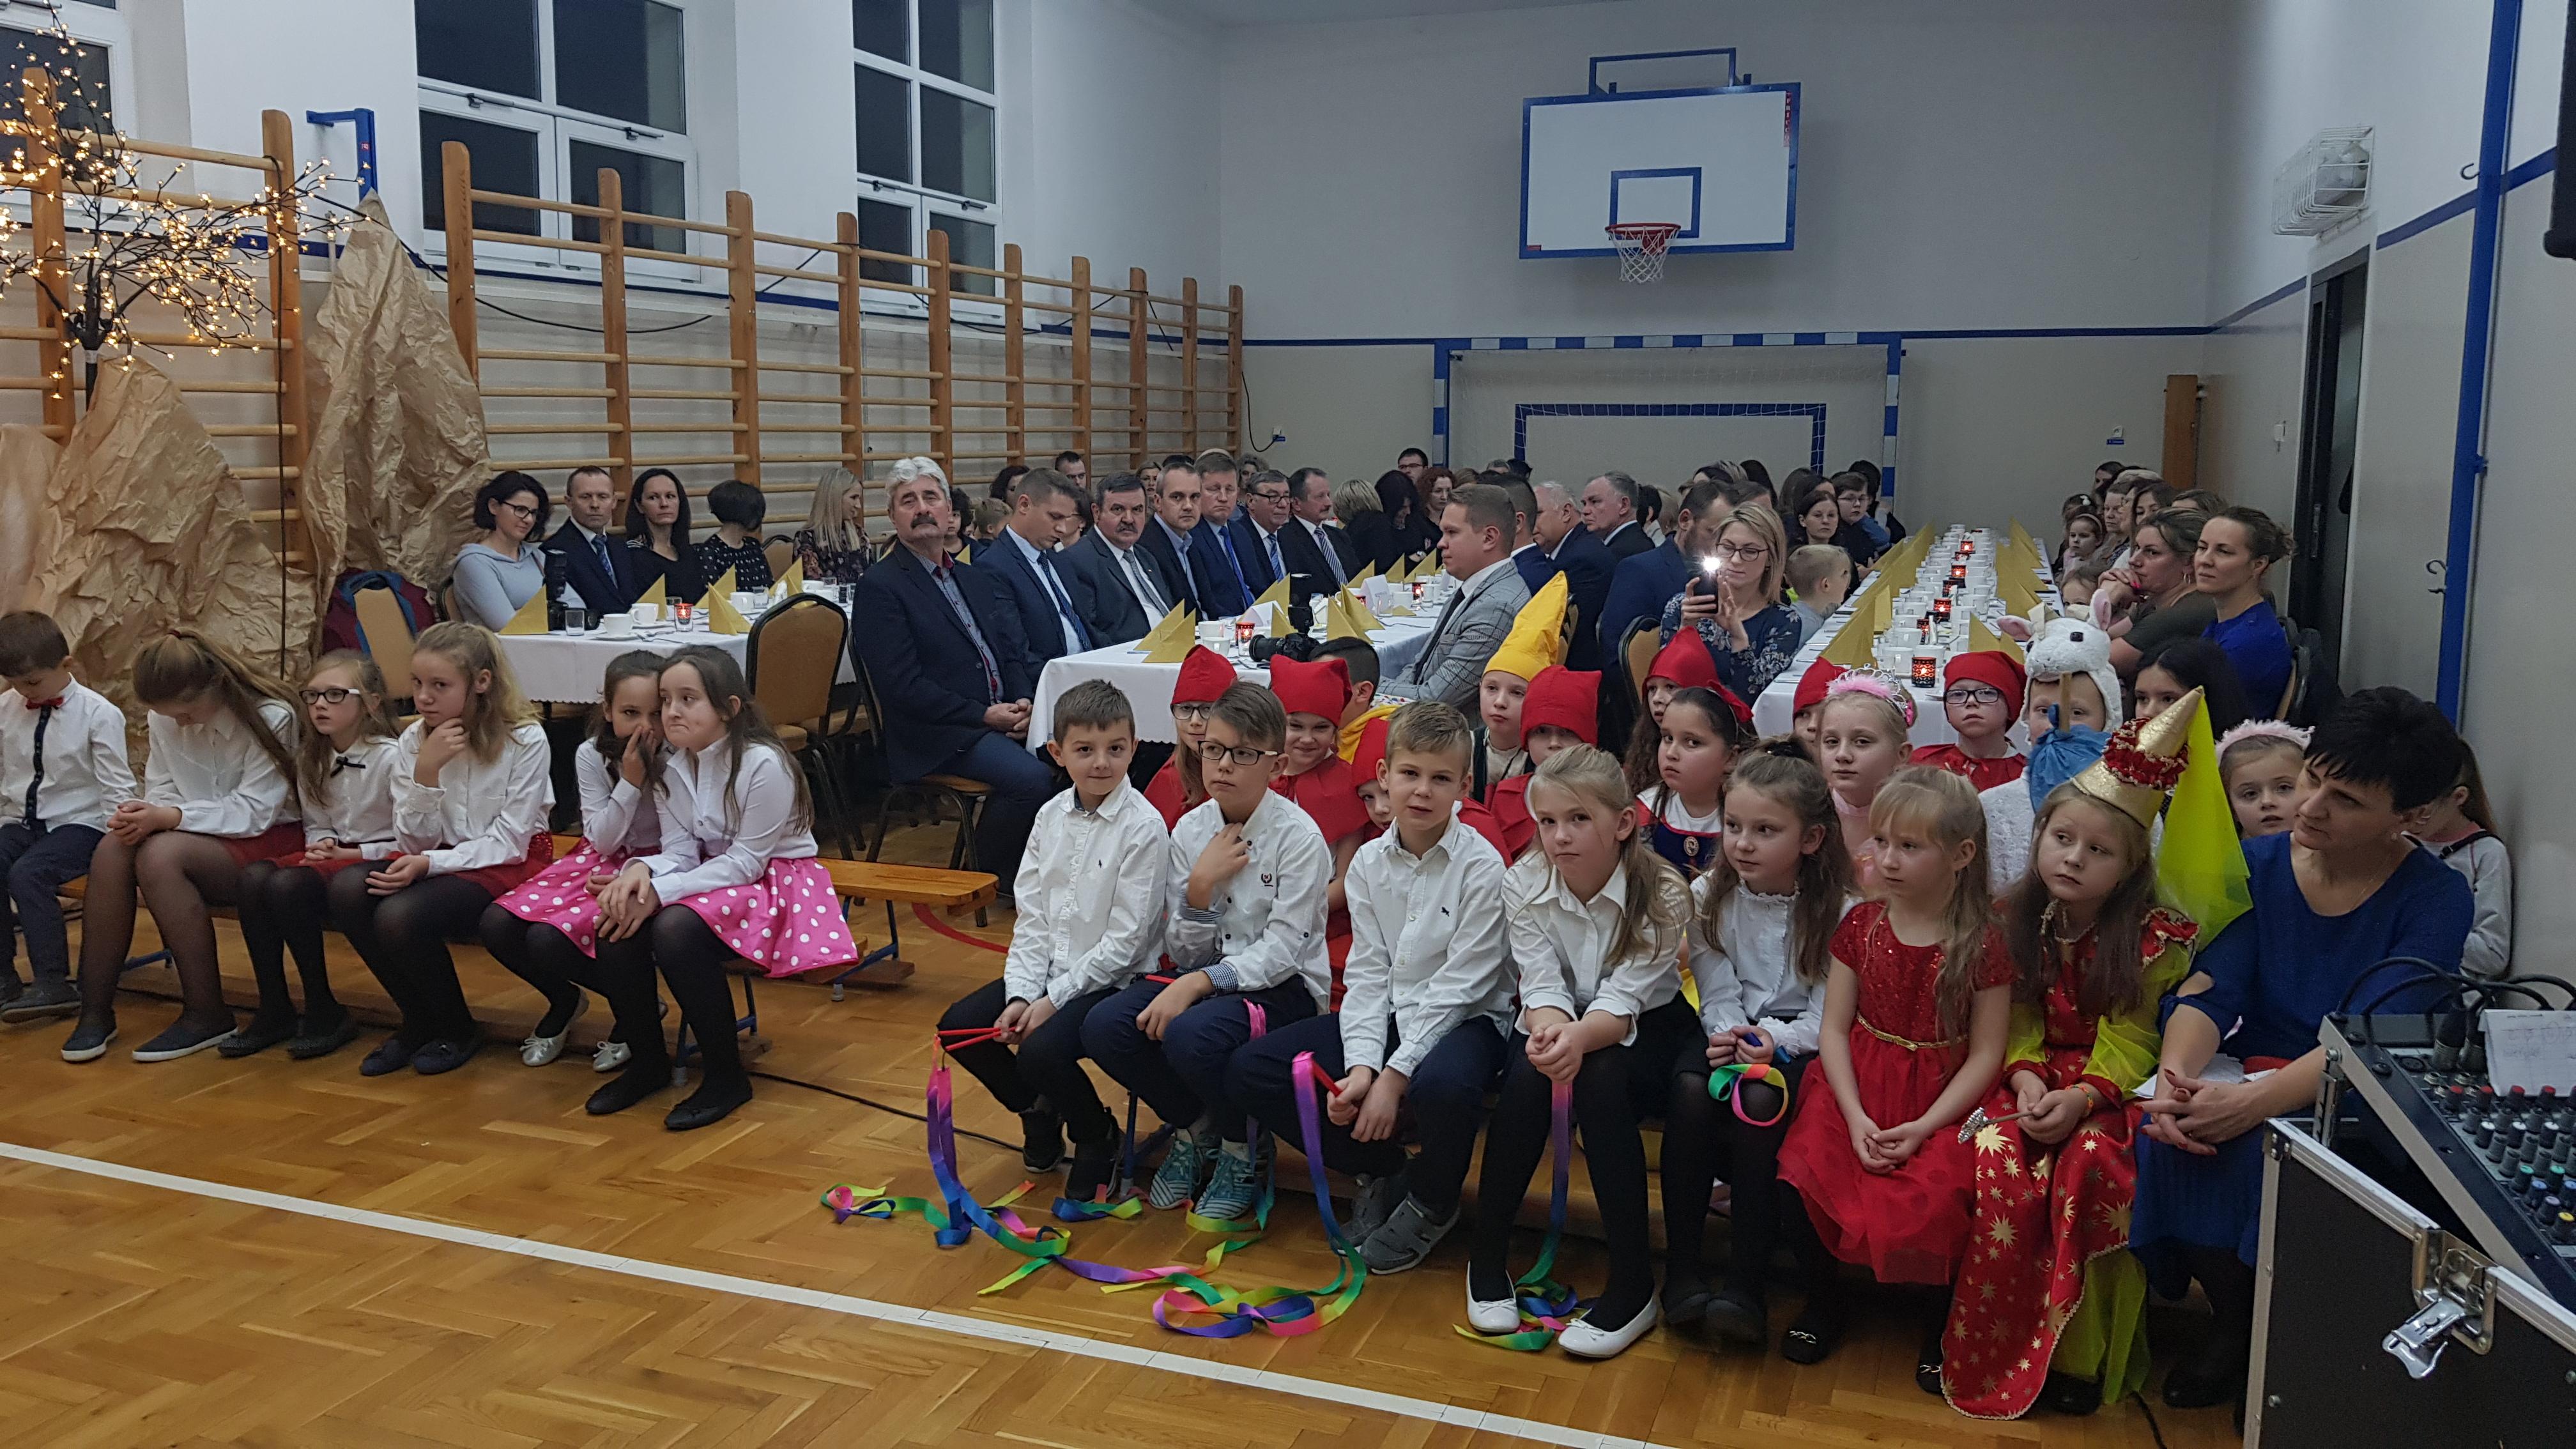 Miejsce dla 50 przedszkolaków w Rydzowie - Zdjęcie główne